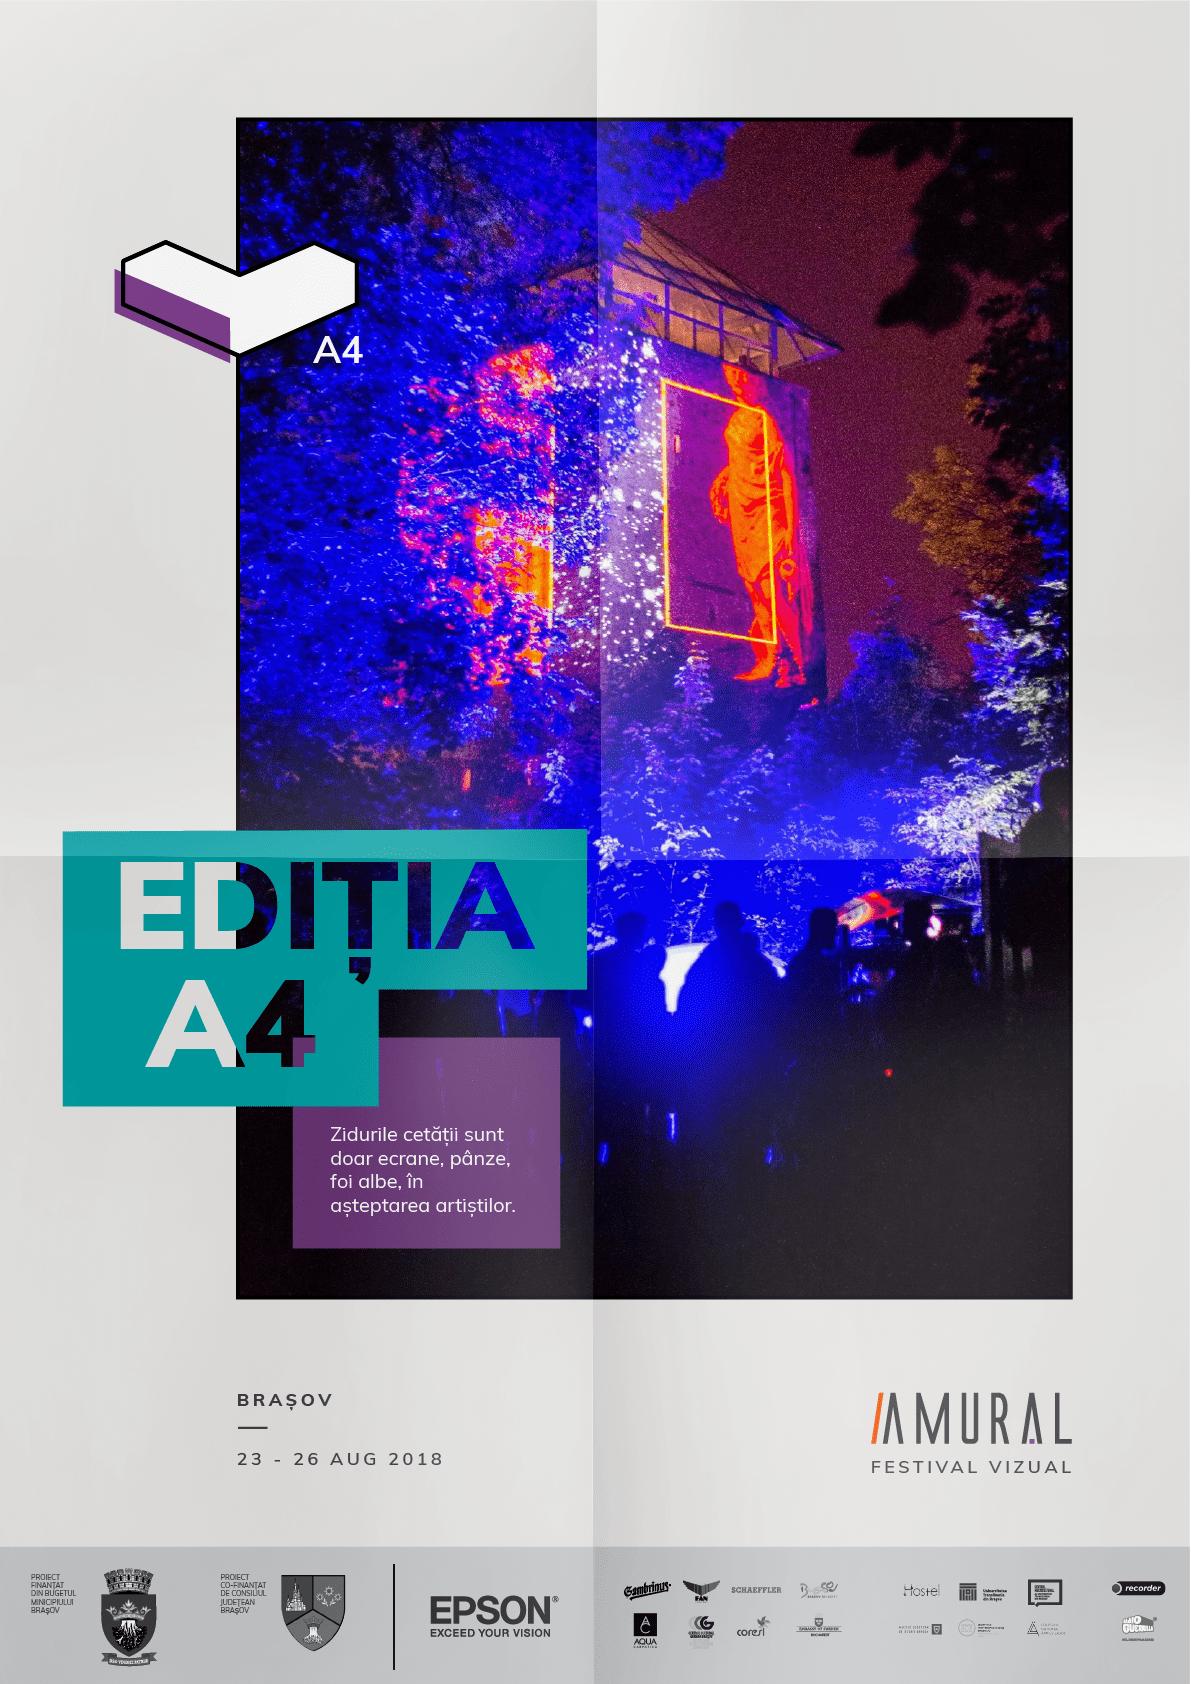 AMURAL – Ediția A4 O NOUĂ PAGINĂ ÎN ARTA VIZUALĂ